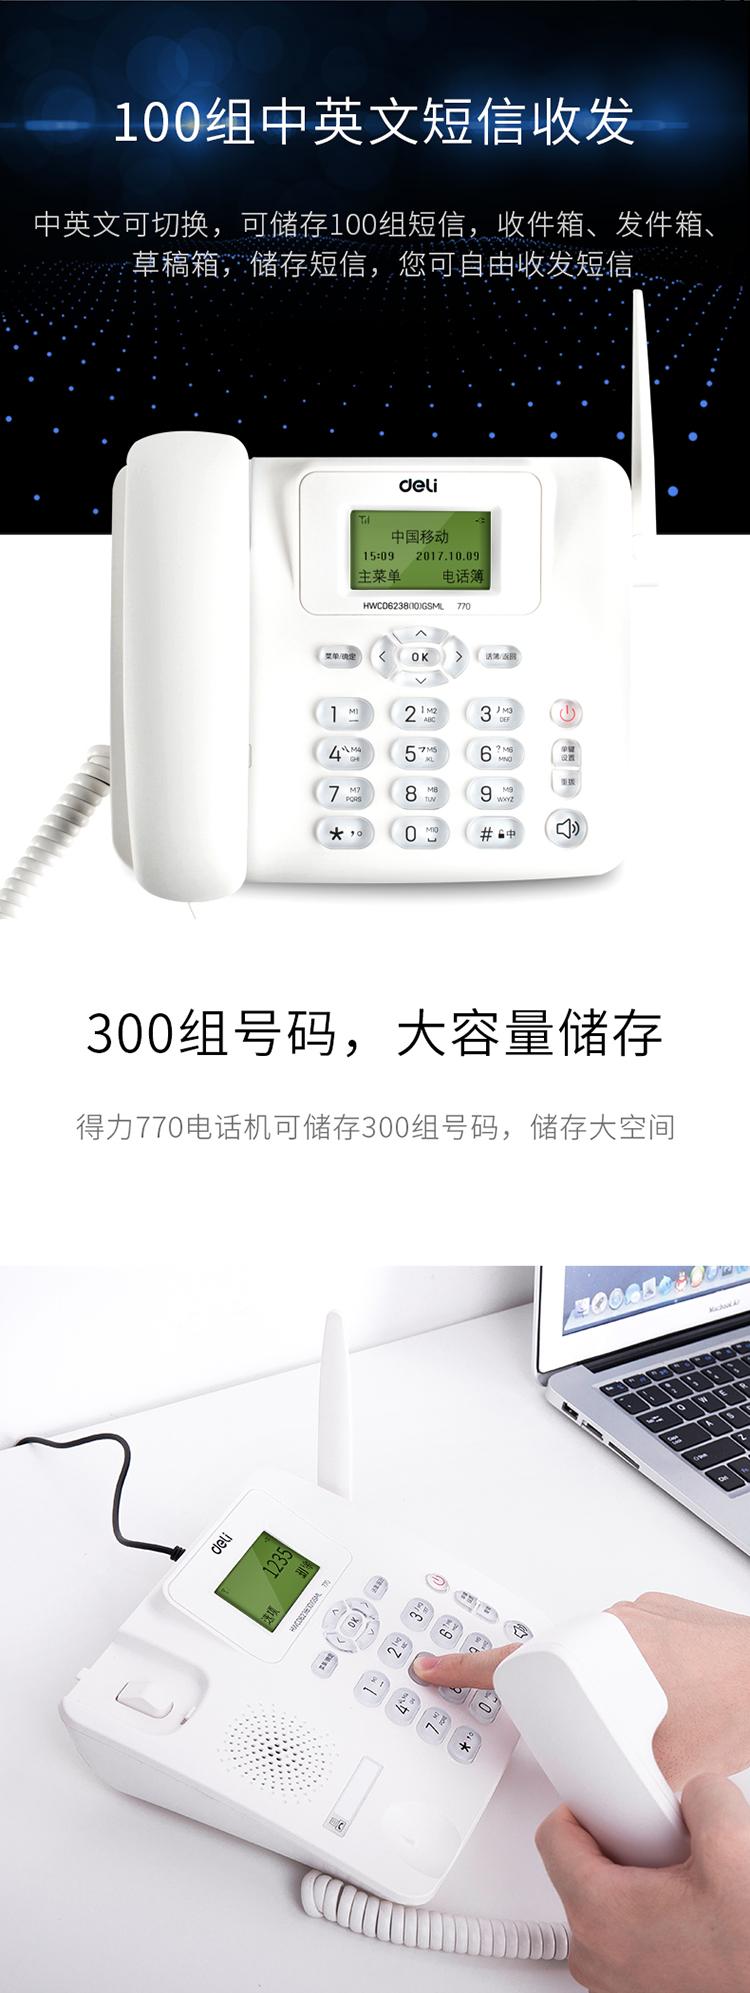 770-12.jpg